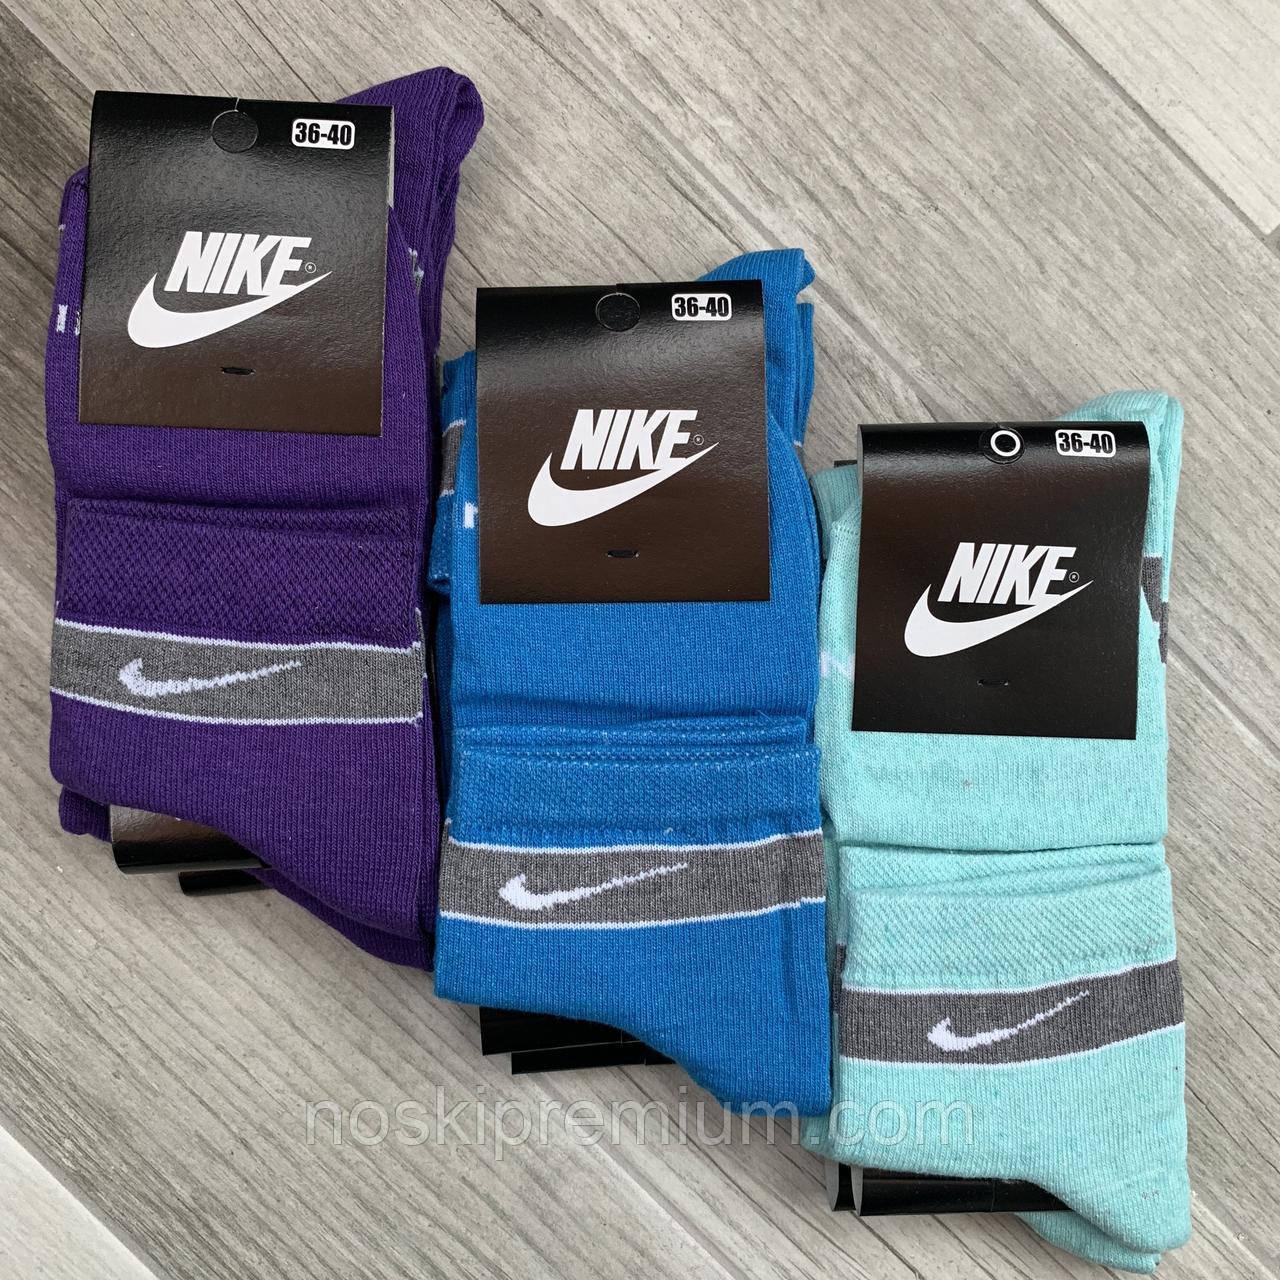 Носки женские демисезонные спортивные х/б Nike, Athletic Sports, цветное ассорти, средние, 05126